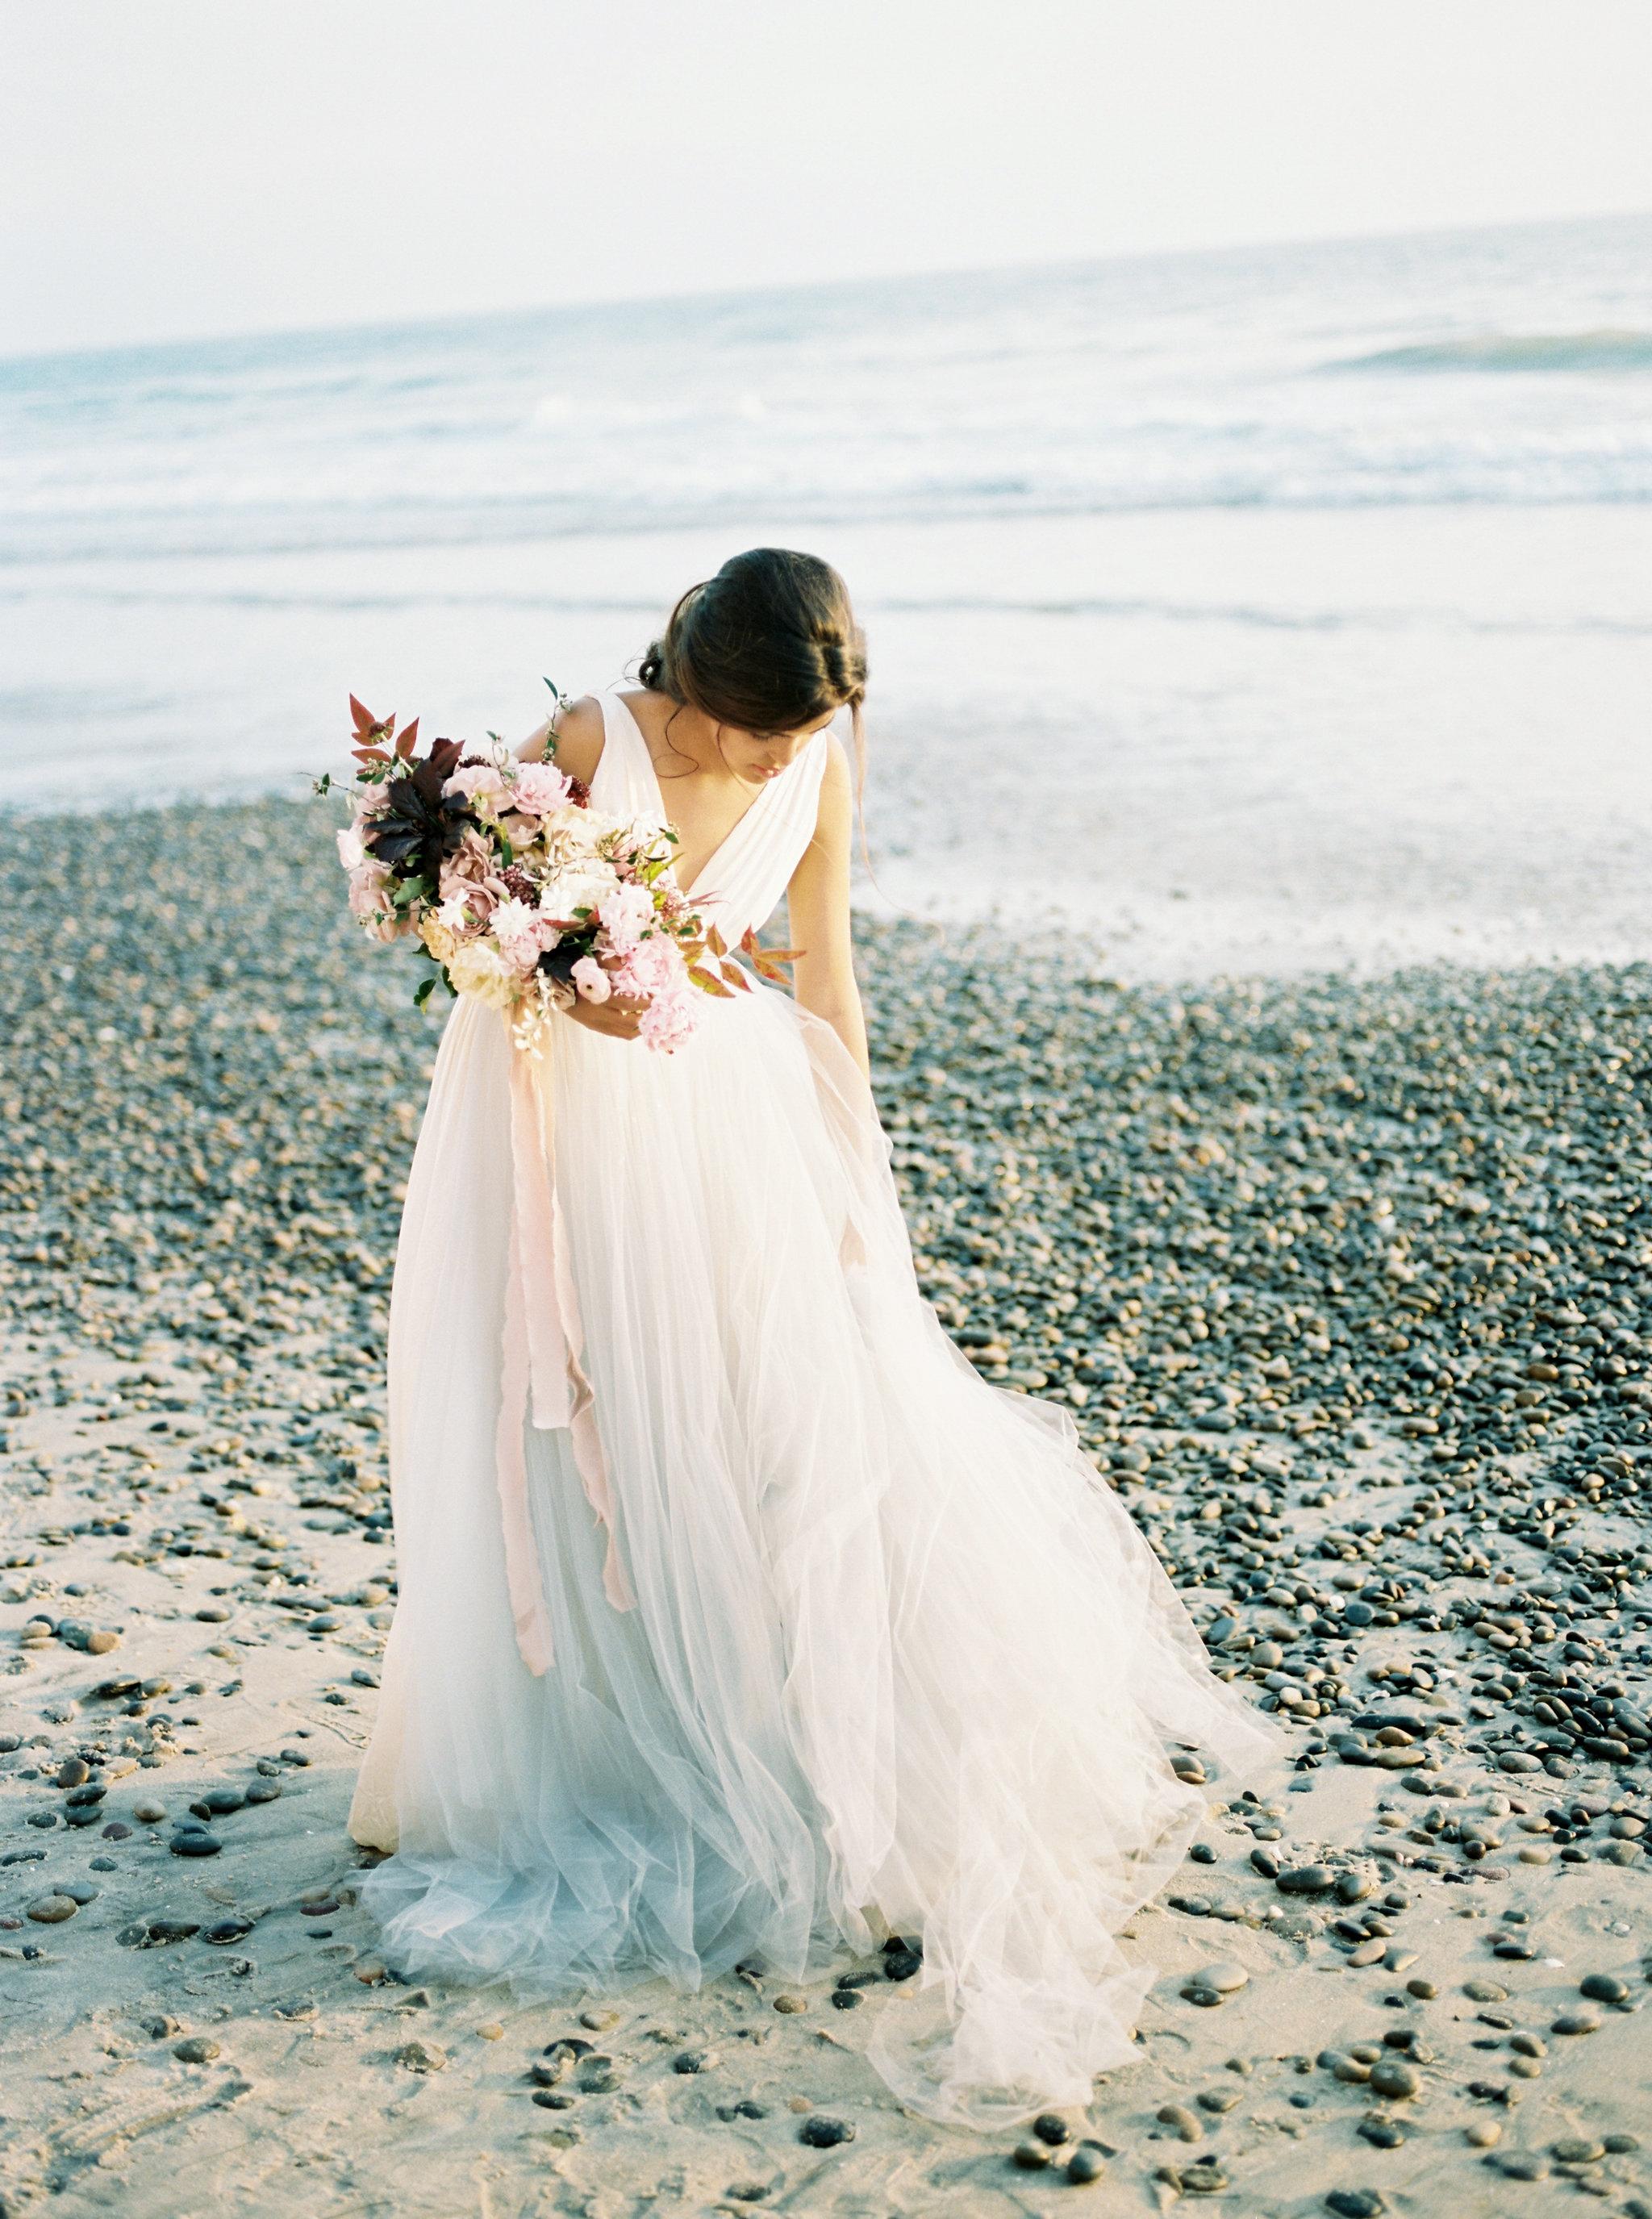 BridalEditorial_MatoliKeelyPhotography-2.jpg